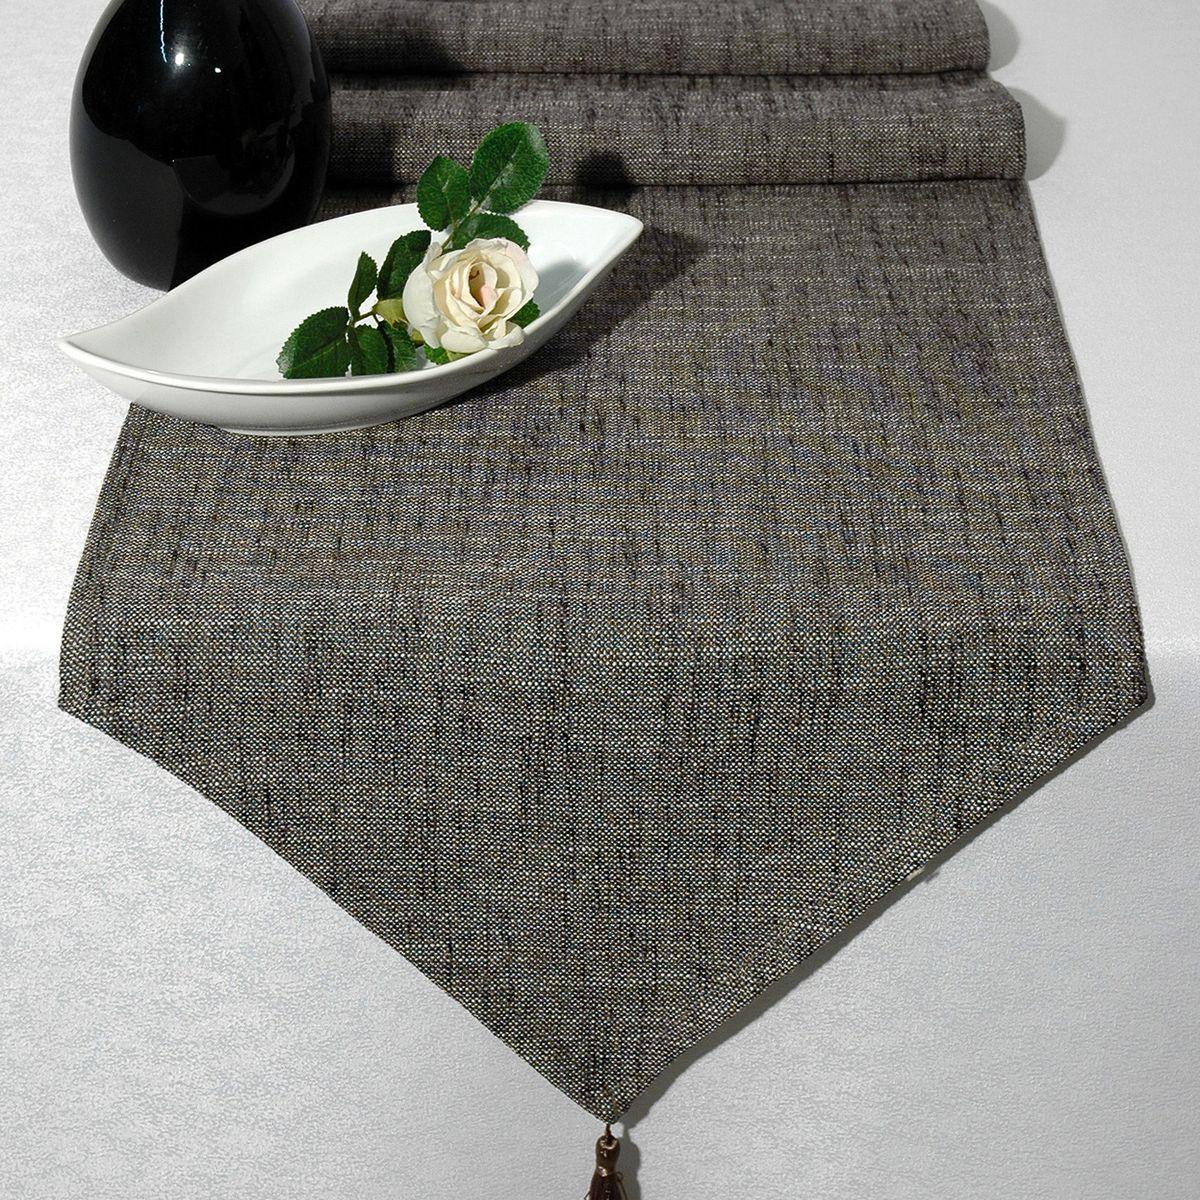 Дорожка для декорирования стола Schaefer, 40 x 160 см, цвет: серый. 06750-254FD-59Дорожка для декорирования стола Schaefer может быть использована, как основной элемент, так и дополнение для создания уюта и романтического настроения вечер.Дорожка выполнена из полиэстера и акрила. Изделие легко стирать: не мнется, не садится и быстро сохнет, более долговечно, чем изделие из натуральных волокон.Материал: полиэстер, акрил Размер: 40 x 160 см.